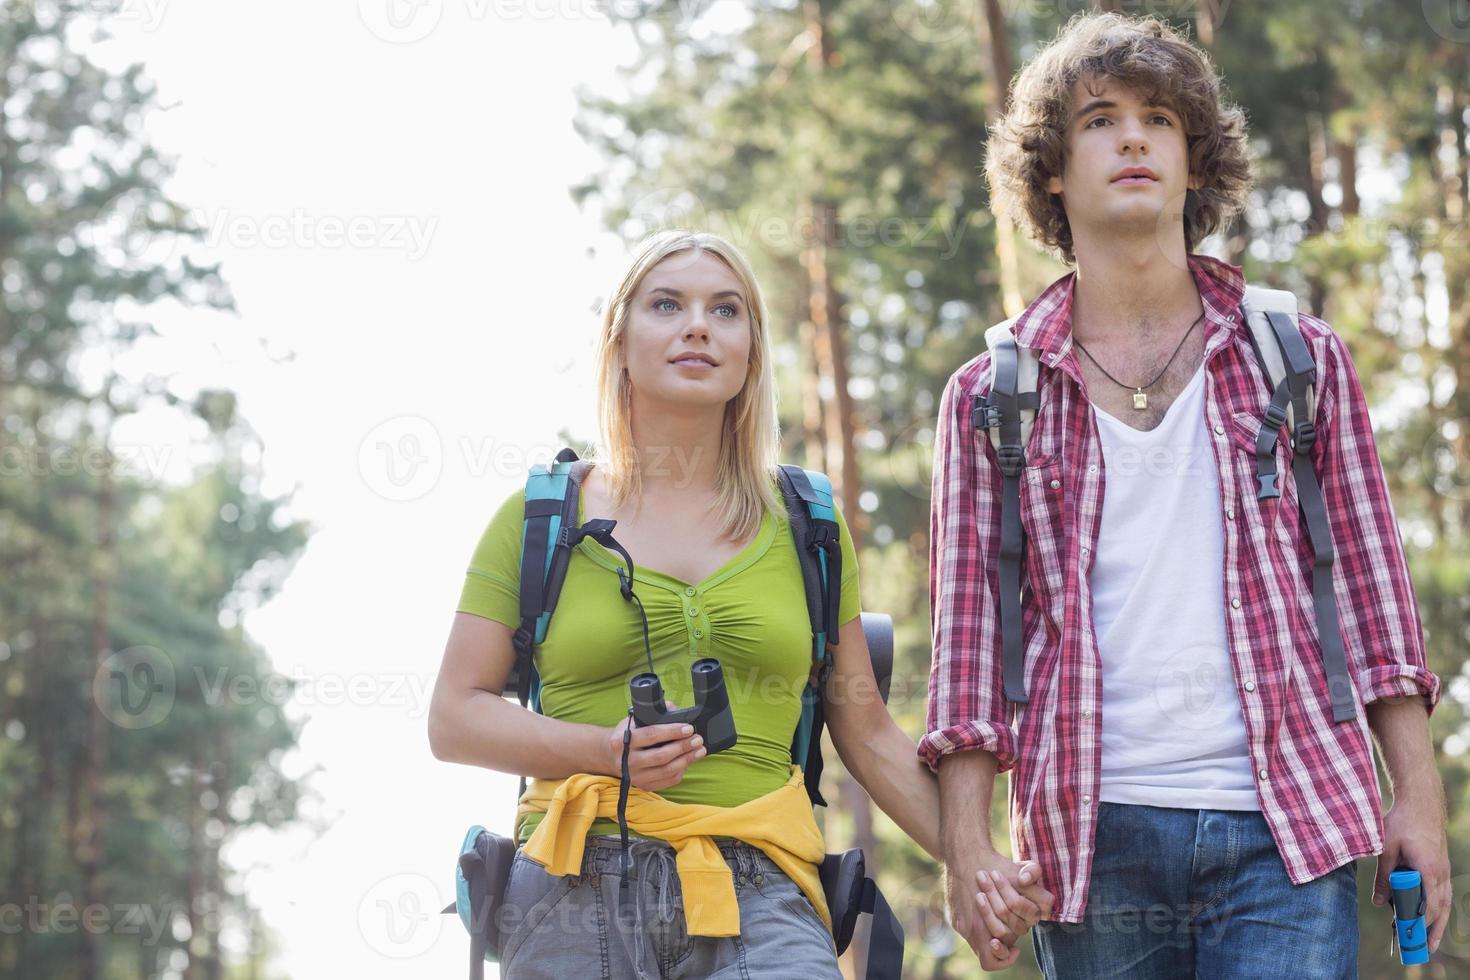 pareja joven mirando a otro lado mientras caminatas en el bosque foto